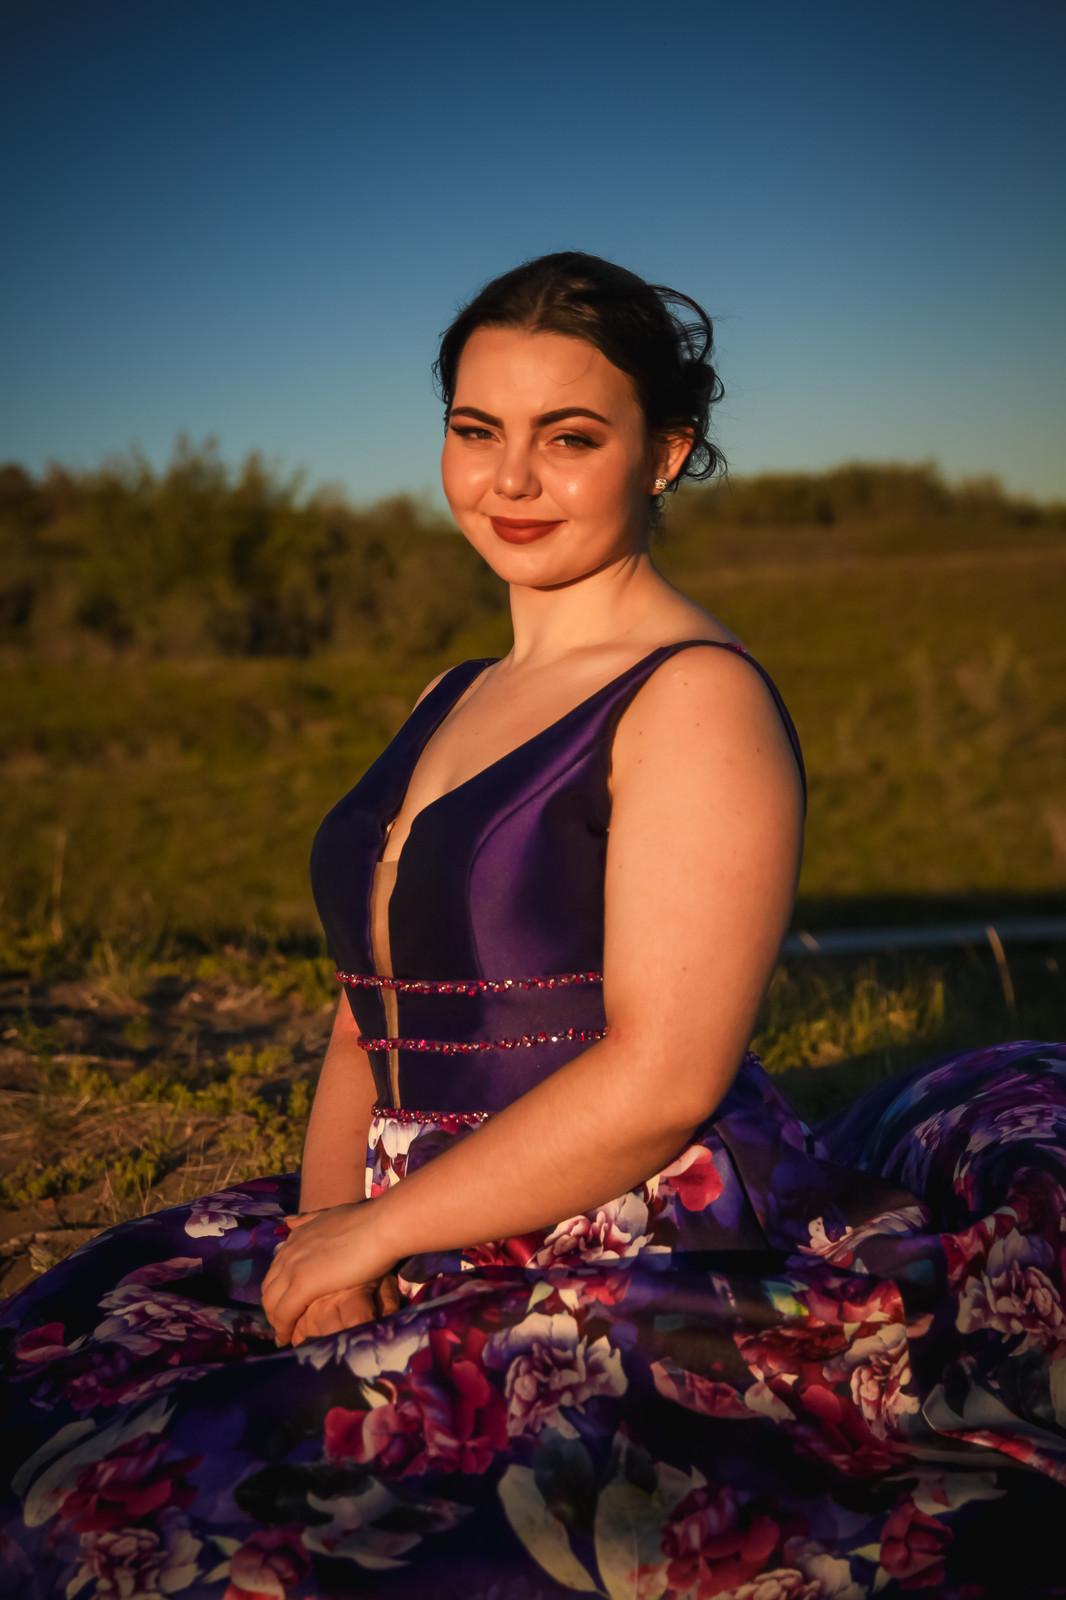 Anal Girl Saskatoon